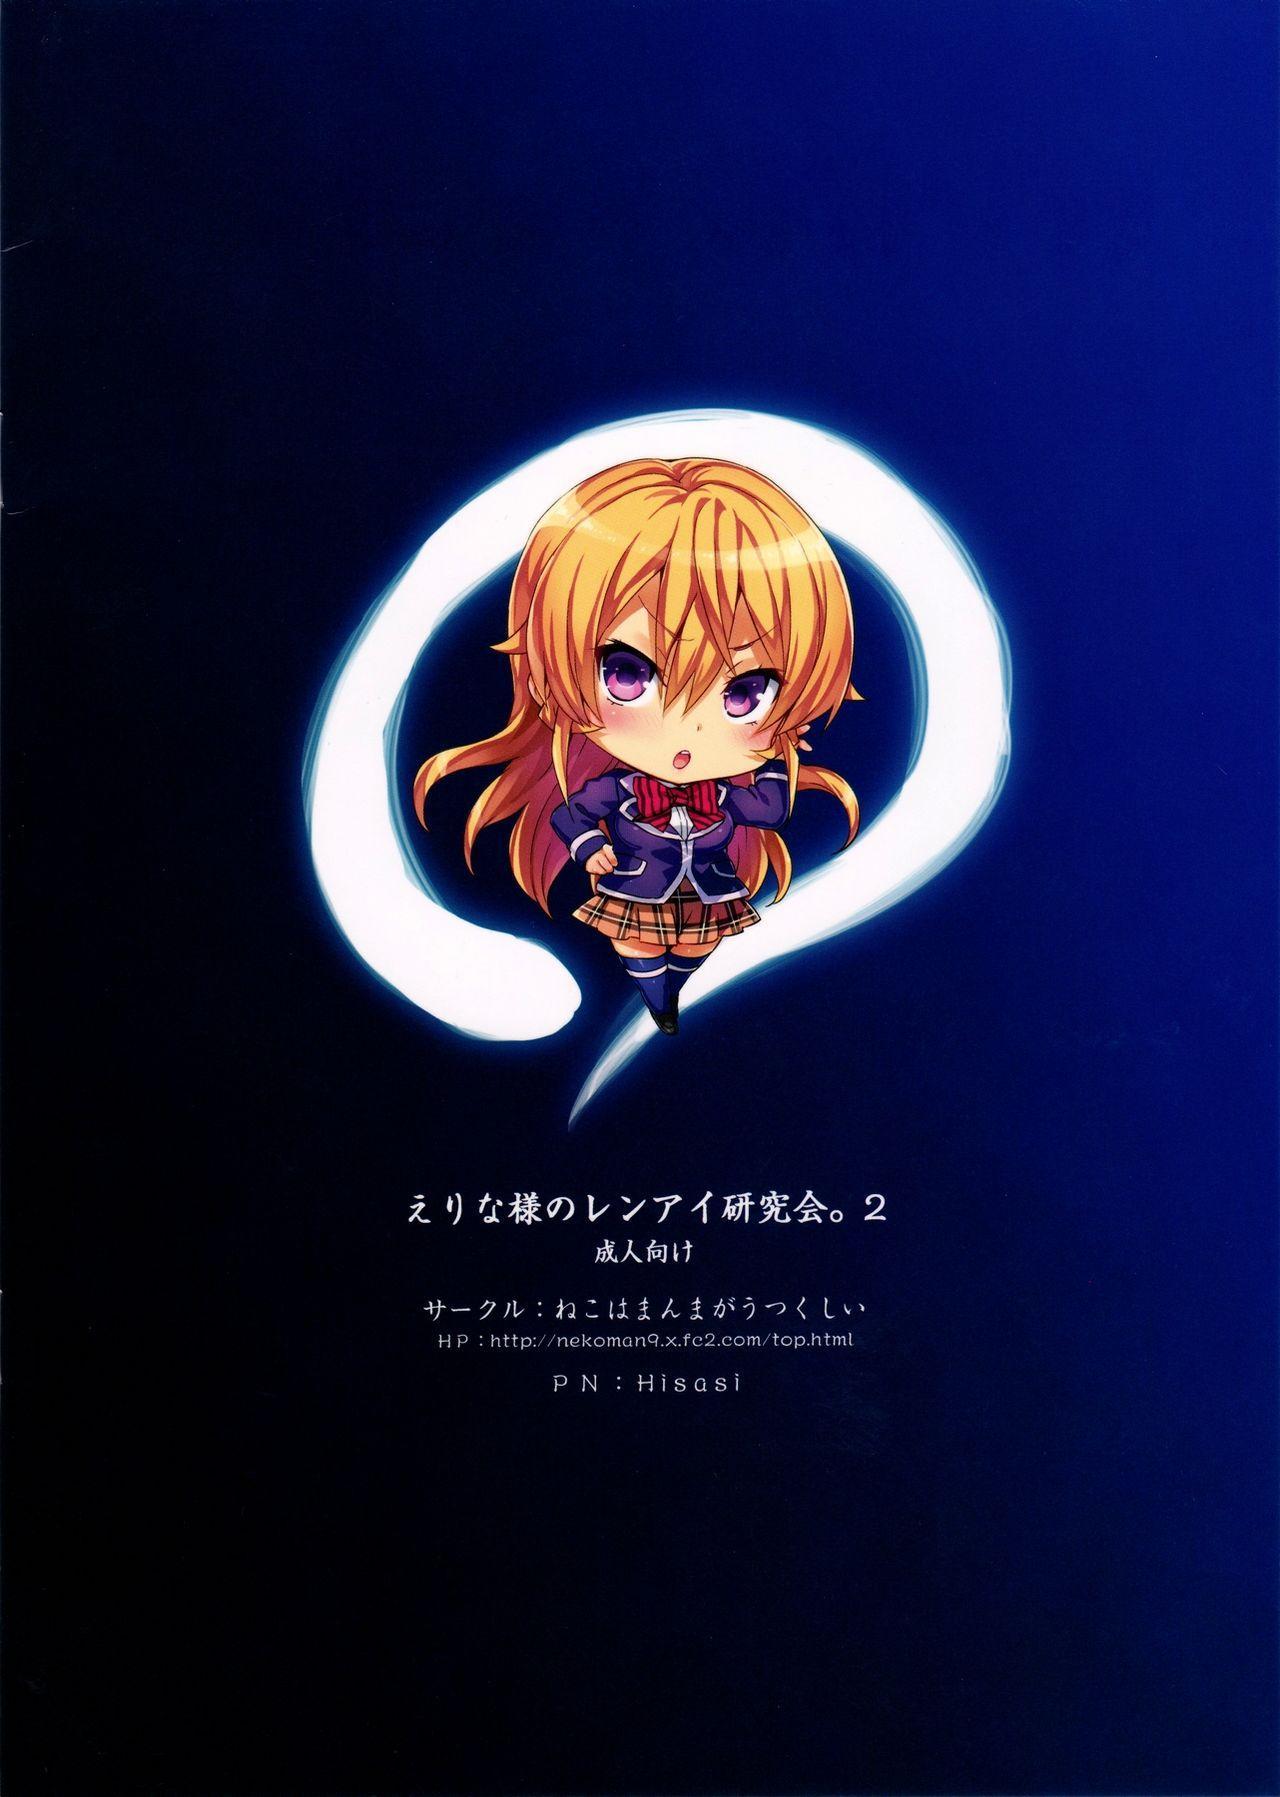 (C91) [Neko wa Manma ga Utsukushii (Hisasi)] Erina-sama no Renai Kenkyuukai. 2 | Erina-sama's Love Laboratory. 2 (Shokugeki no Soma) [English] [Royal_TL] [Decensored] 23